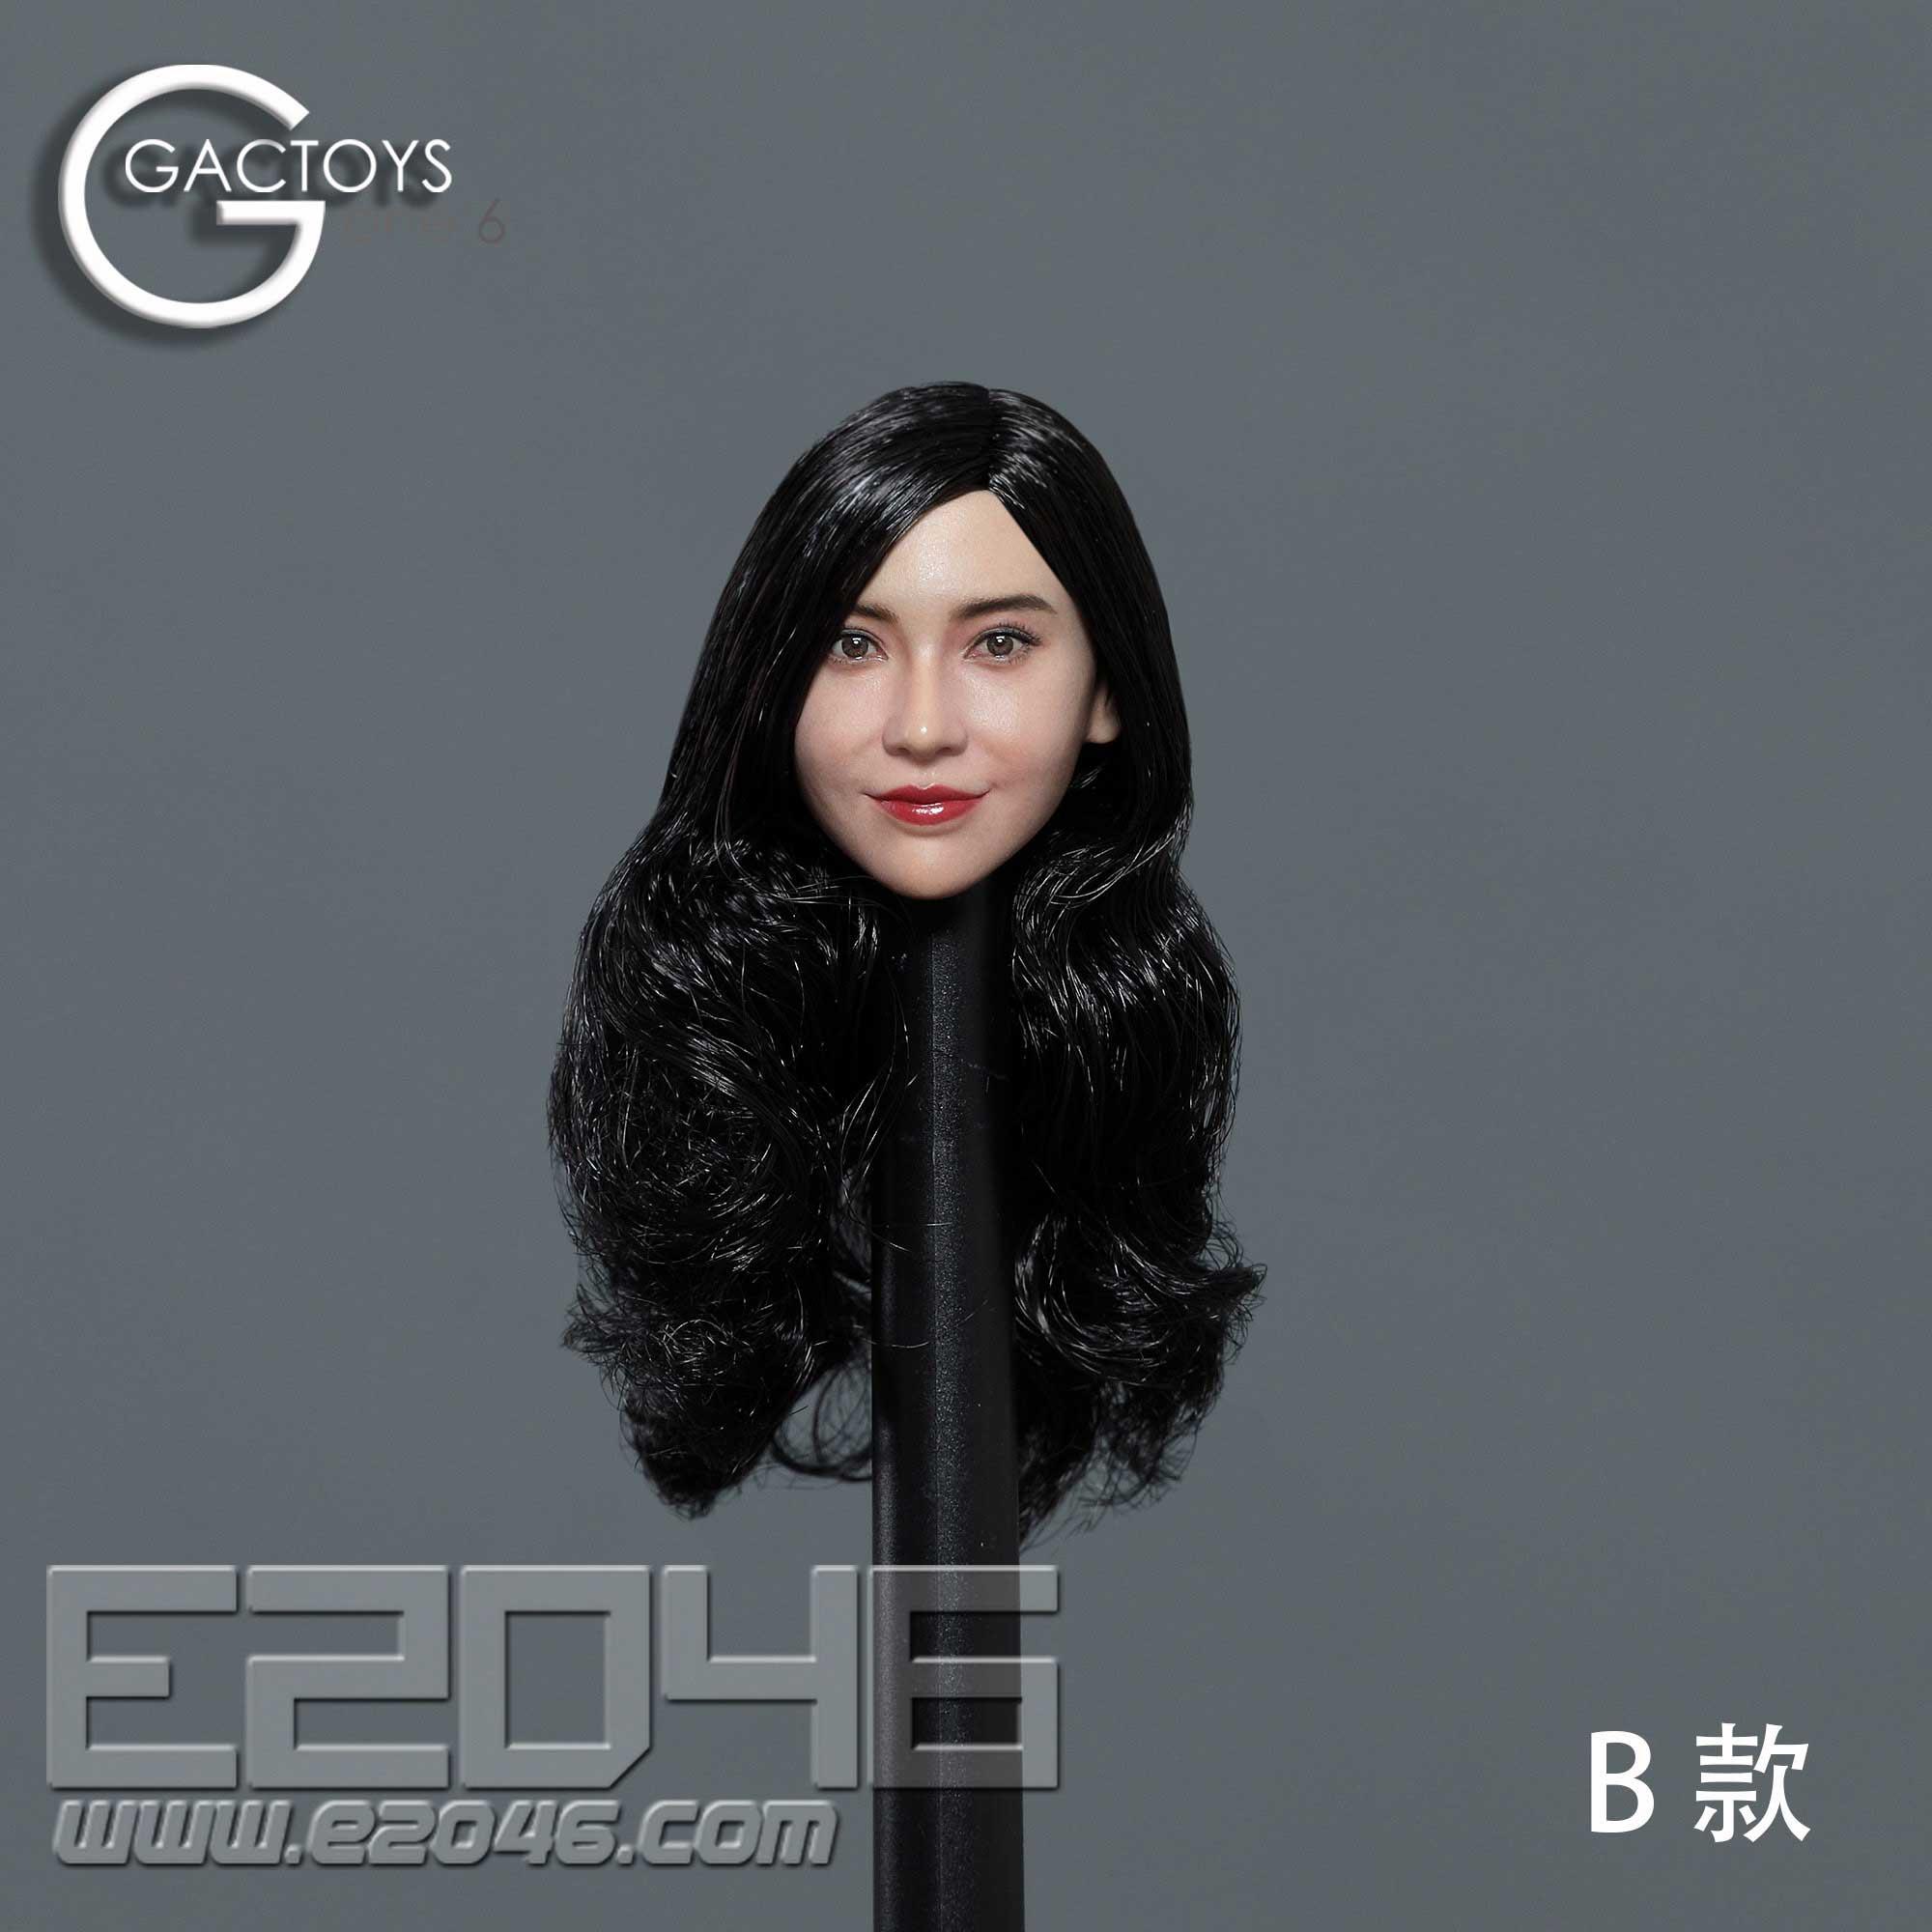 Asian Beauty Head Sculpture B (DOLL)